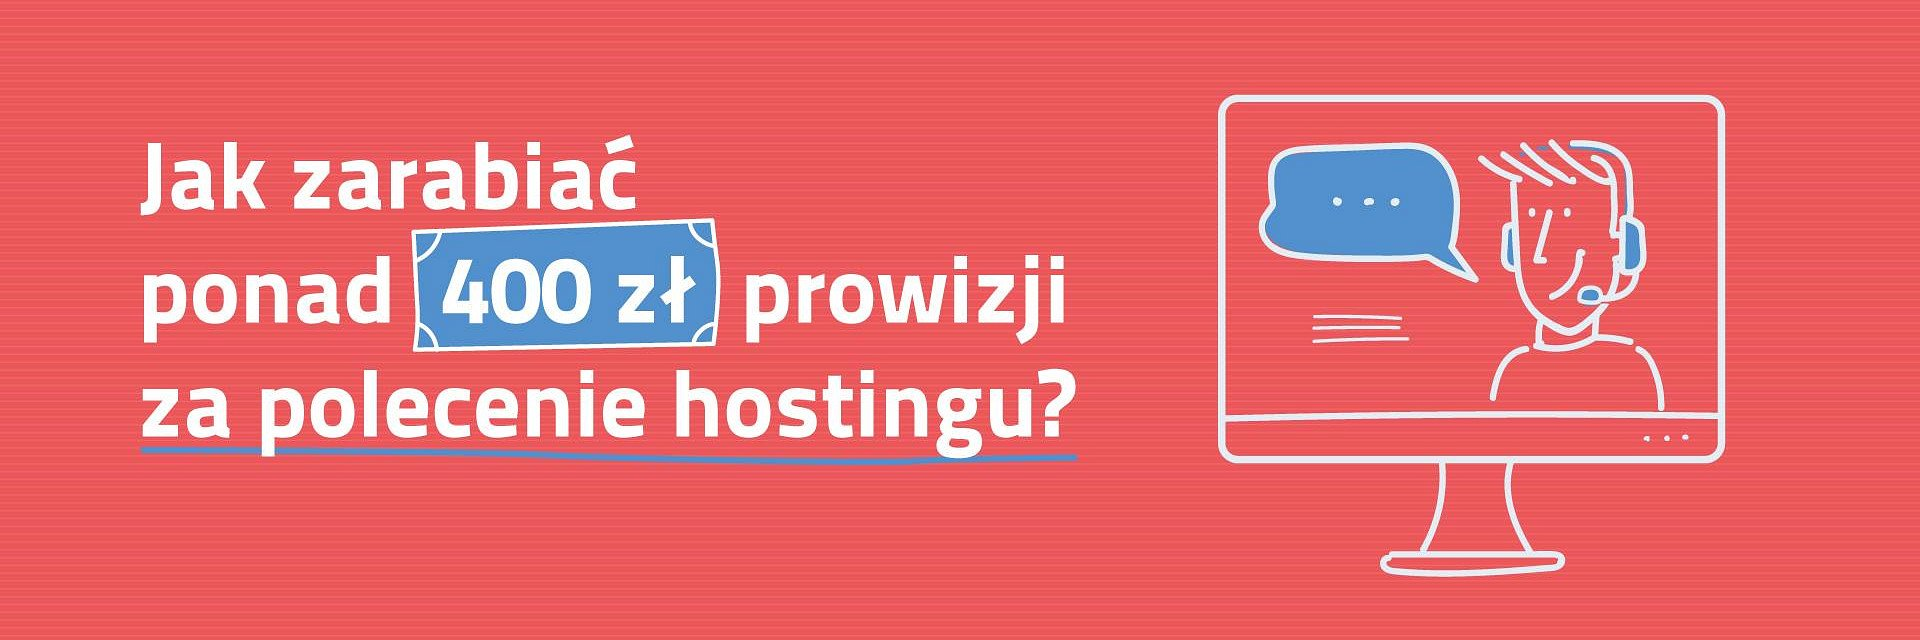 Jak czerpać przyjemność z migracji hostingu? Zarabiaj na tym ponad 400 zł!